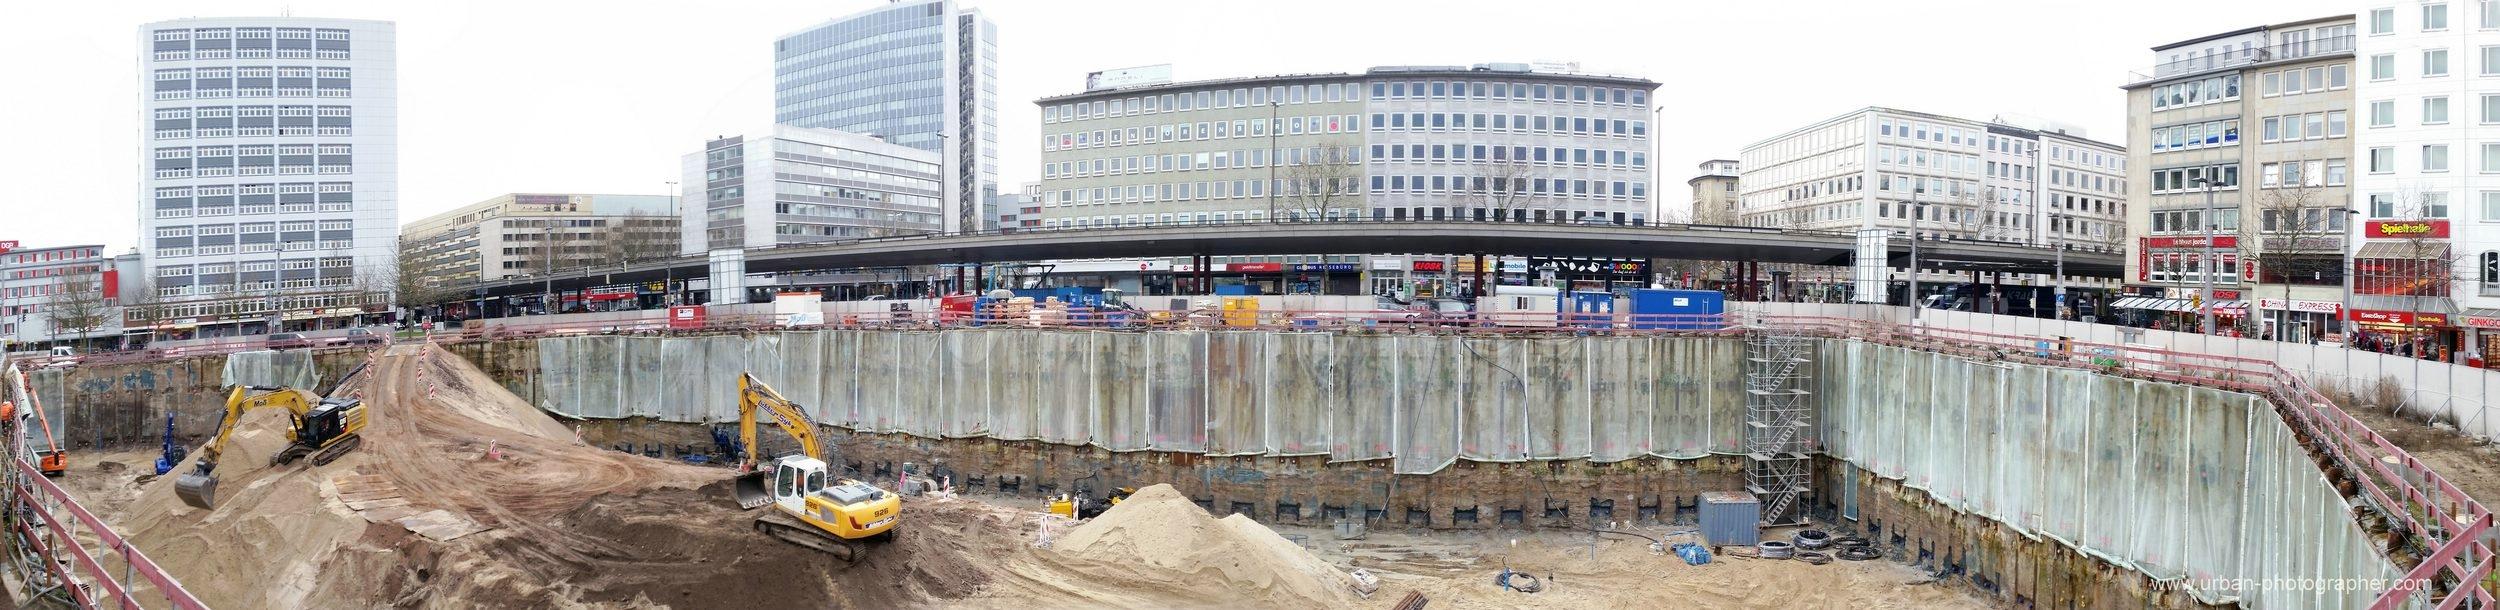 baustelle-bahnhofsplatz-87a